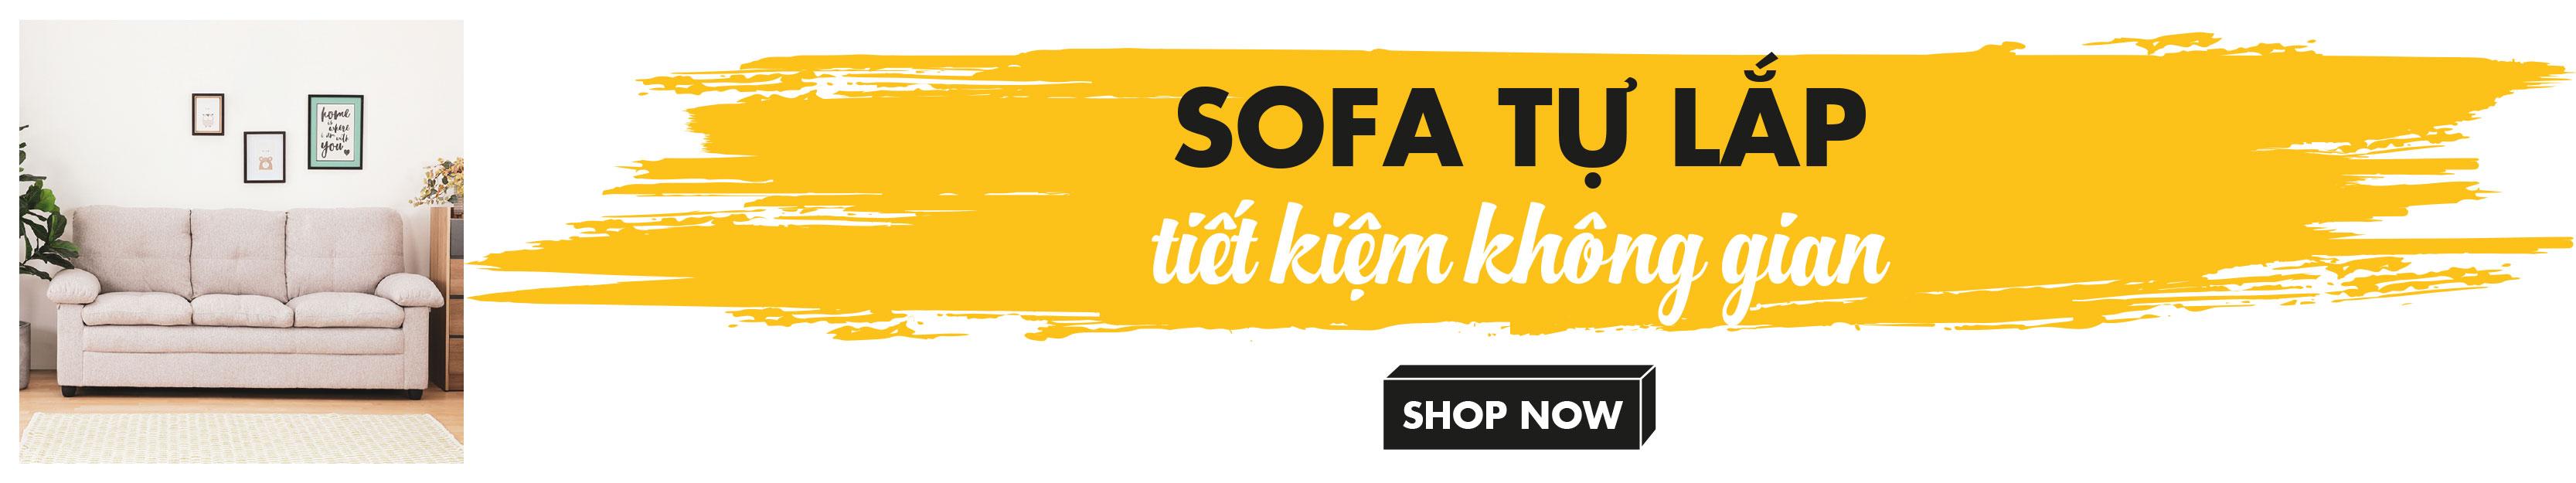 Sofa tự lắp - Tiết kiệm không gian